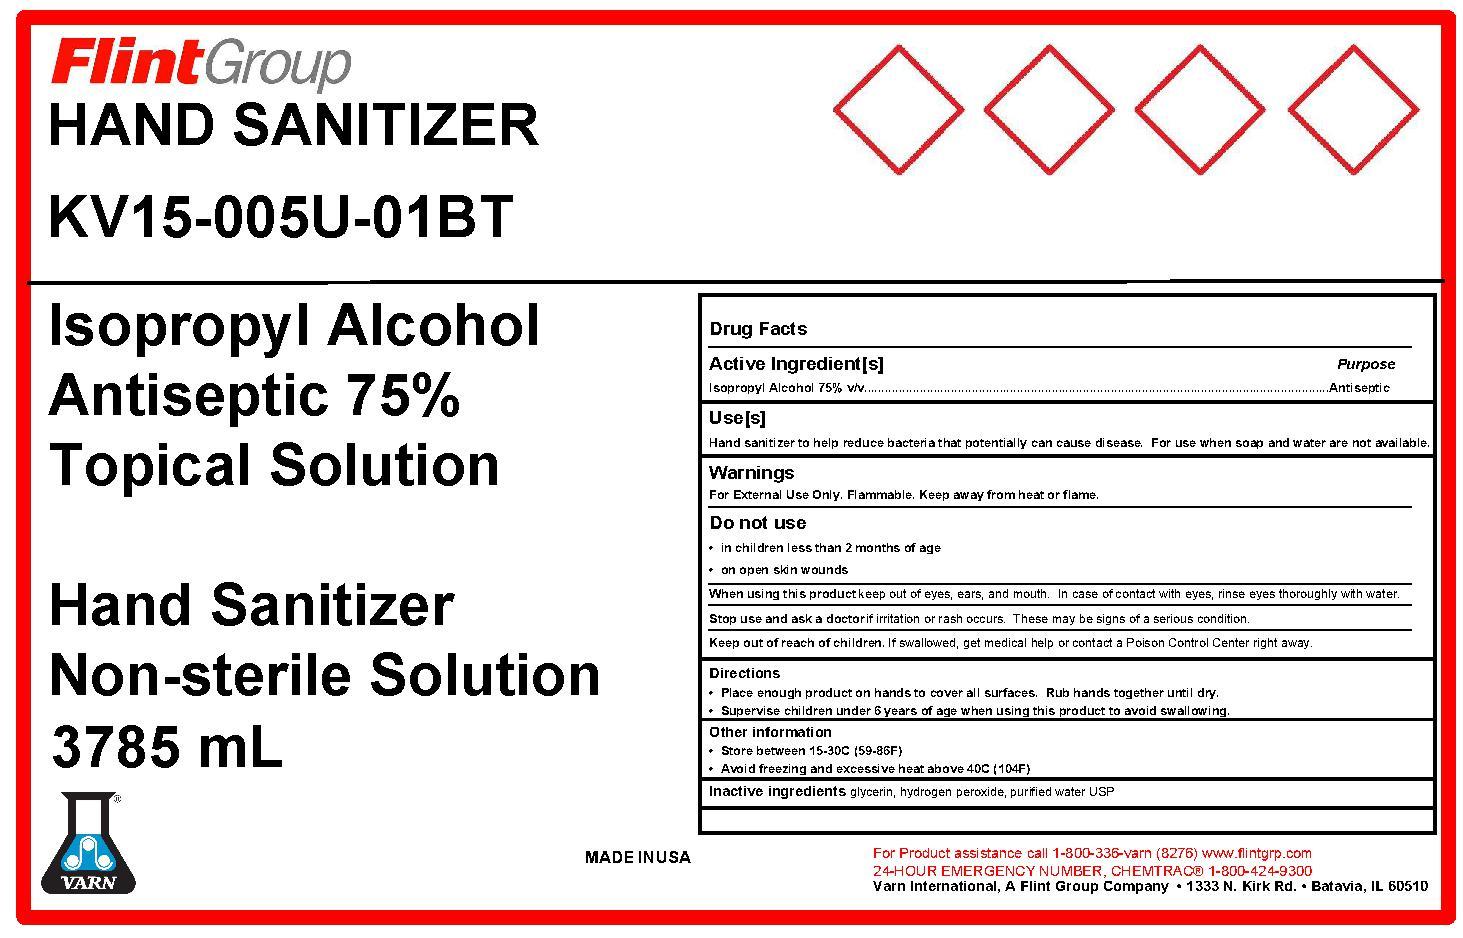 Hand Sanitizer Label 3785mL